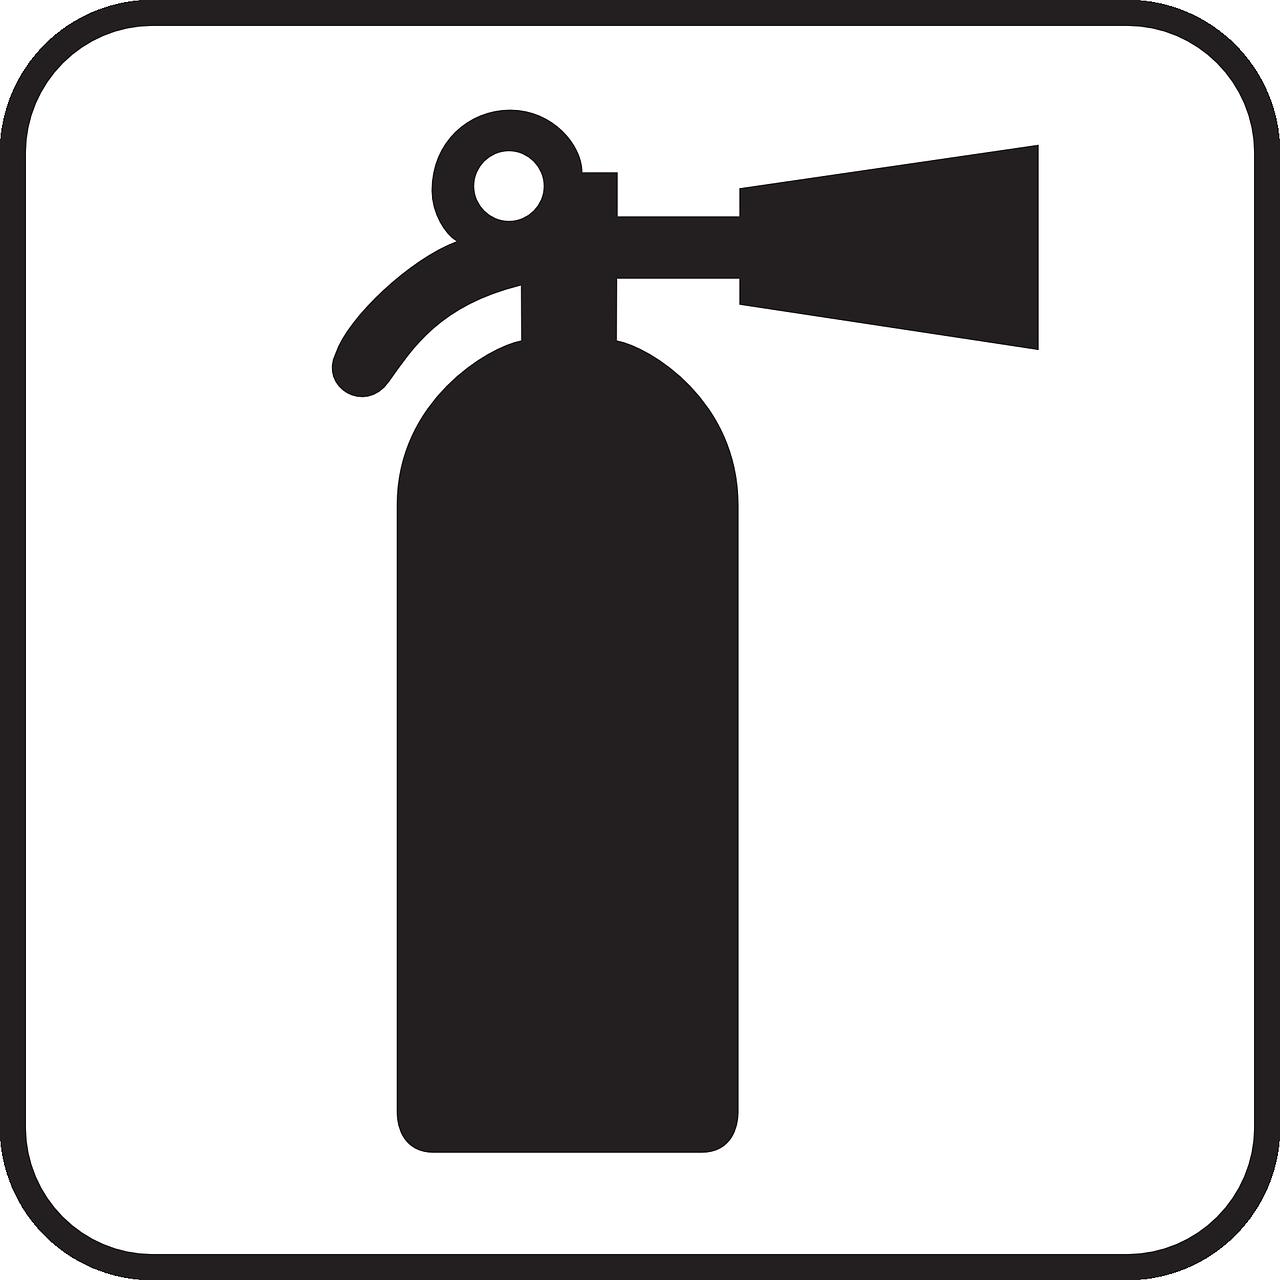 灭火器,消防水幕,手提式灭火器,火,迹象,符号,图标